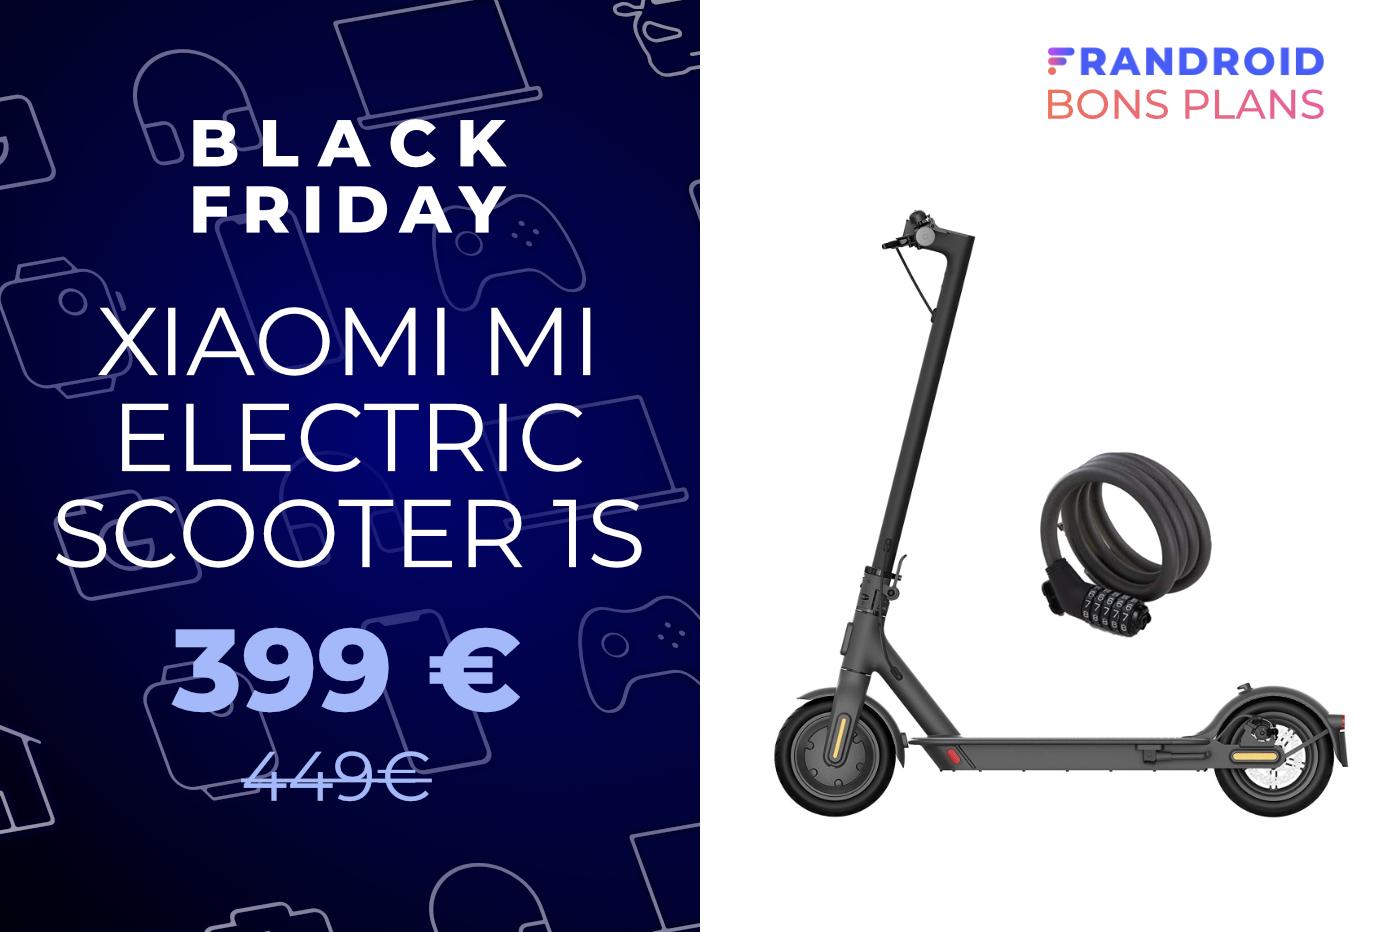 La trottinette Xiaomi Mi Electric Scooter 1S perd 50 € pour le Black Friday